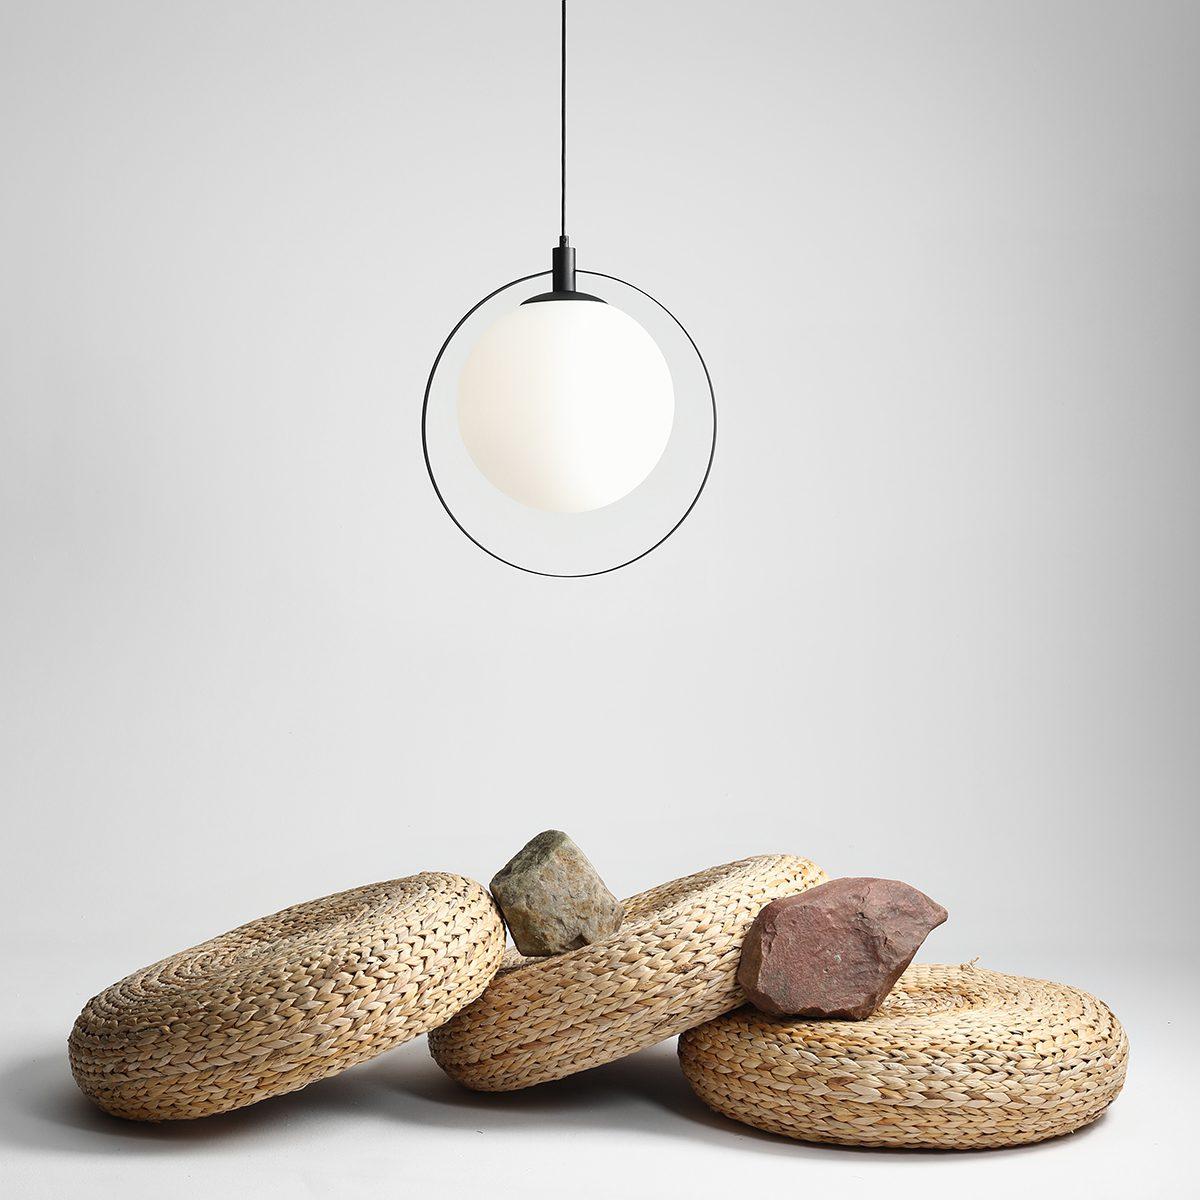 lekka-wiszaca-lampa-scienna-do-salonu-lampa-z-duzym-okraglym-kloszem-zklep-internetowy-z-wyposazeniem-wnetrz-ryssa-sklep-internetowy-z-oswietleniem